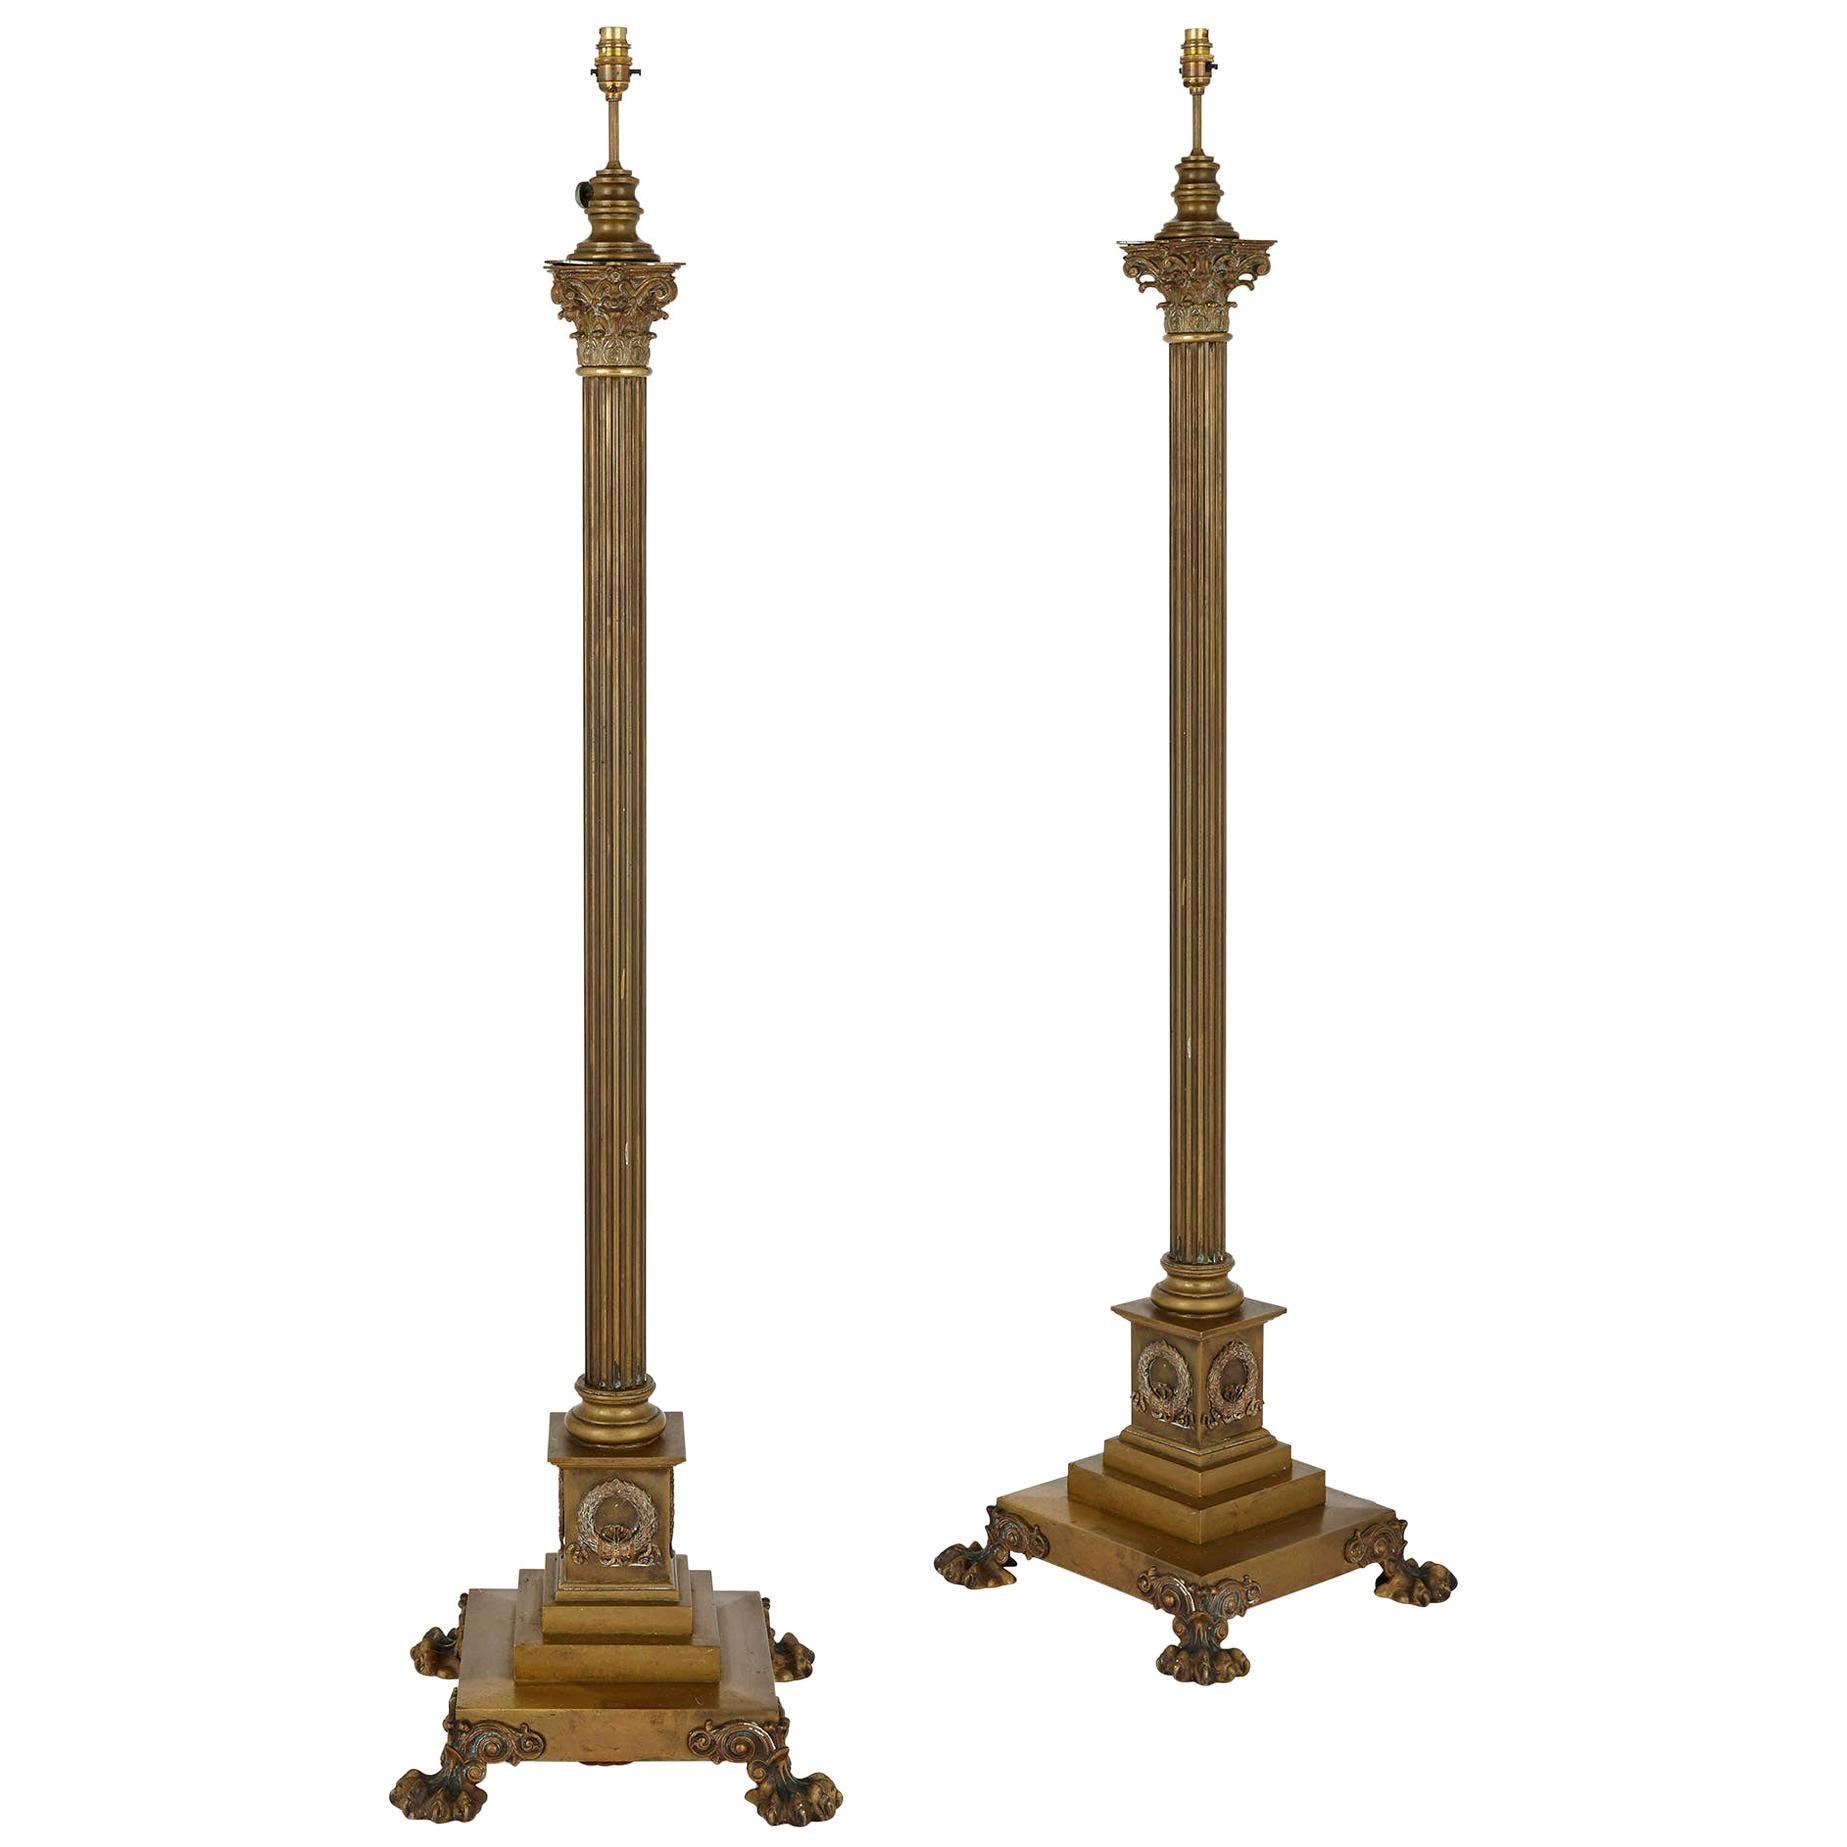 Pair of Gilt Bronze Standing Floor Lamps